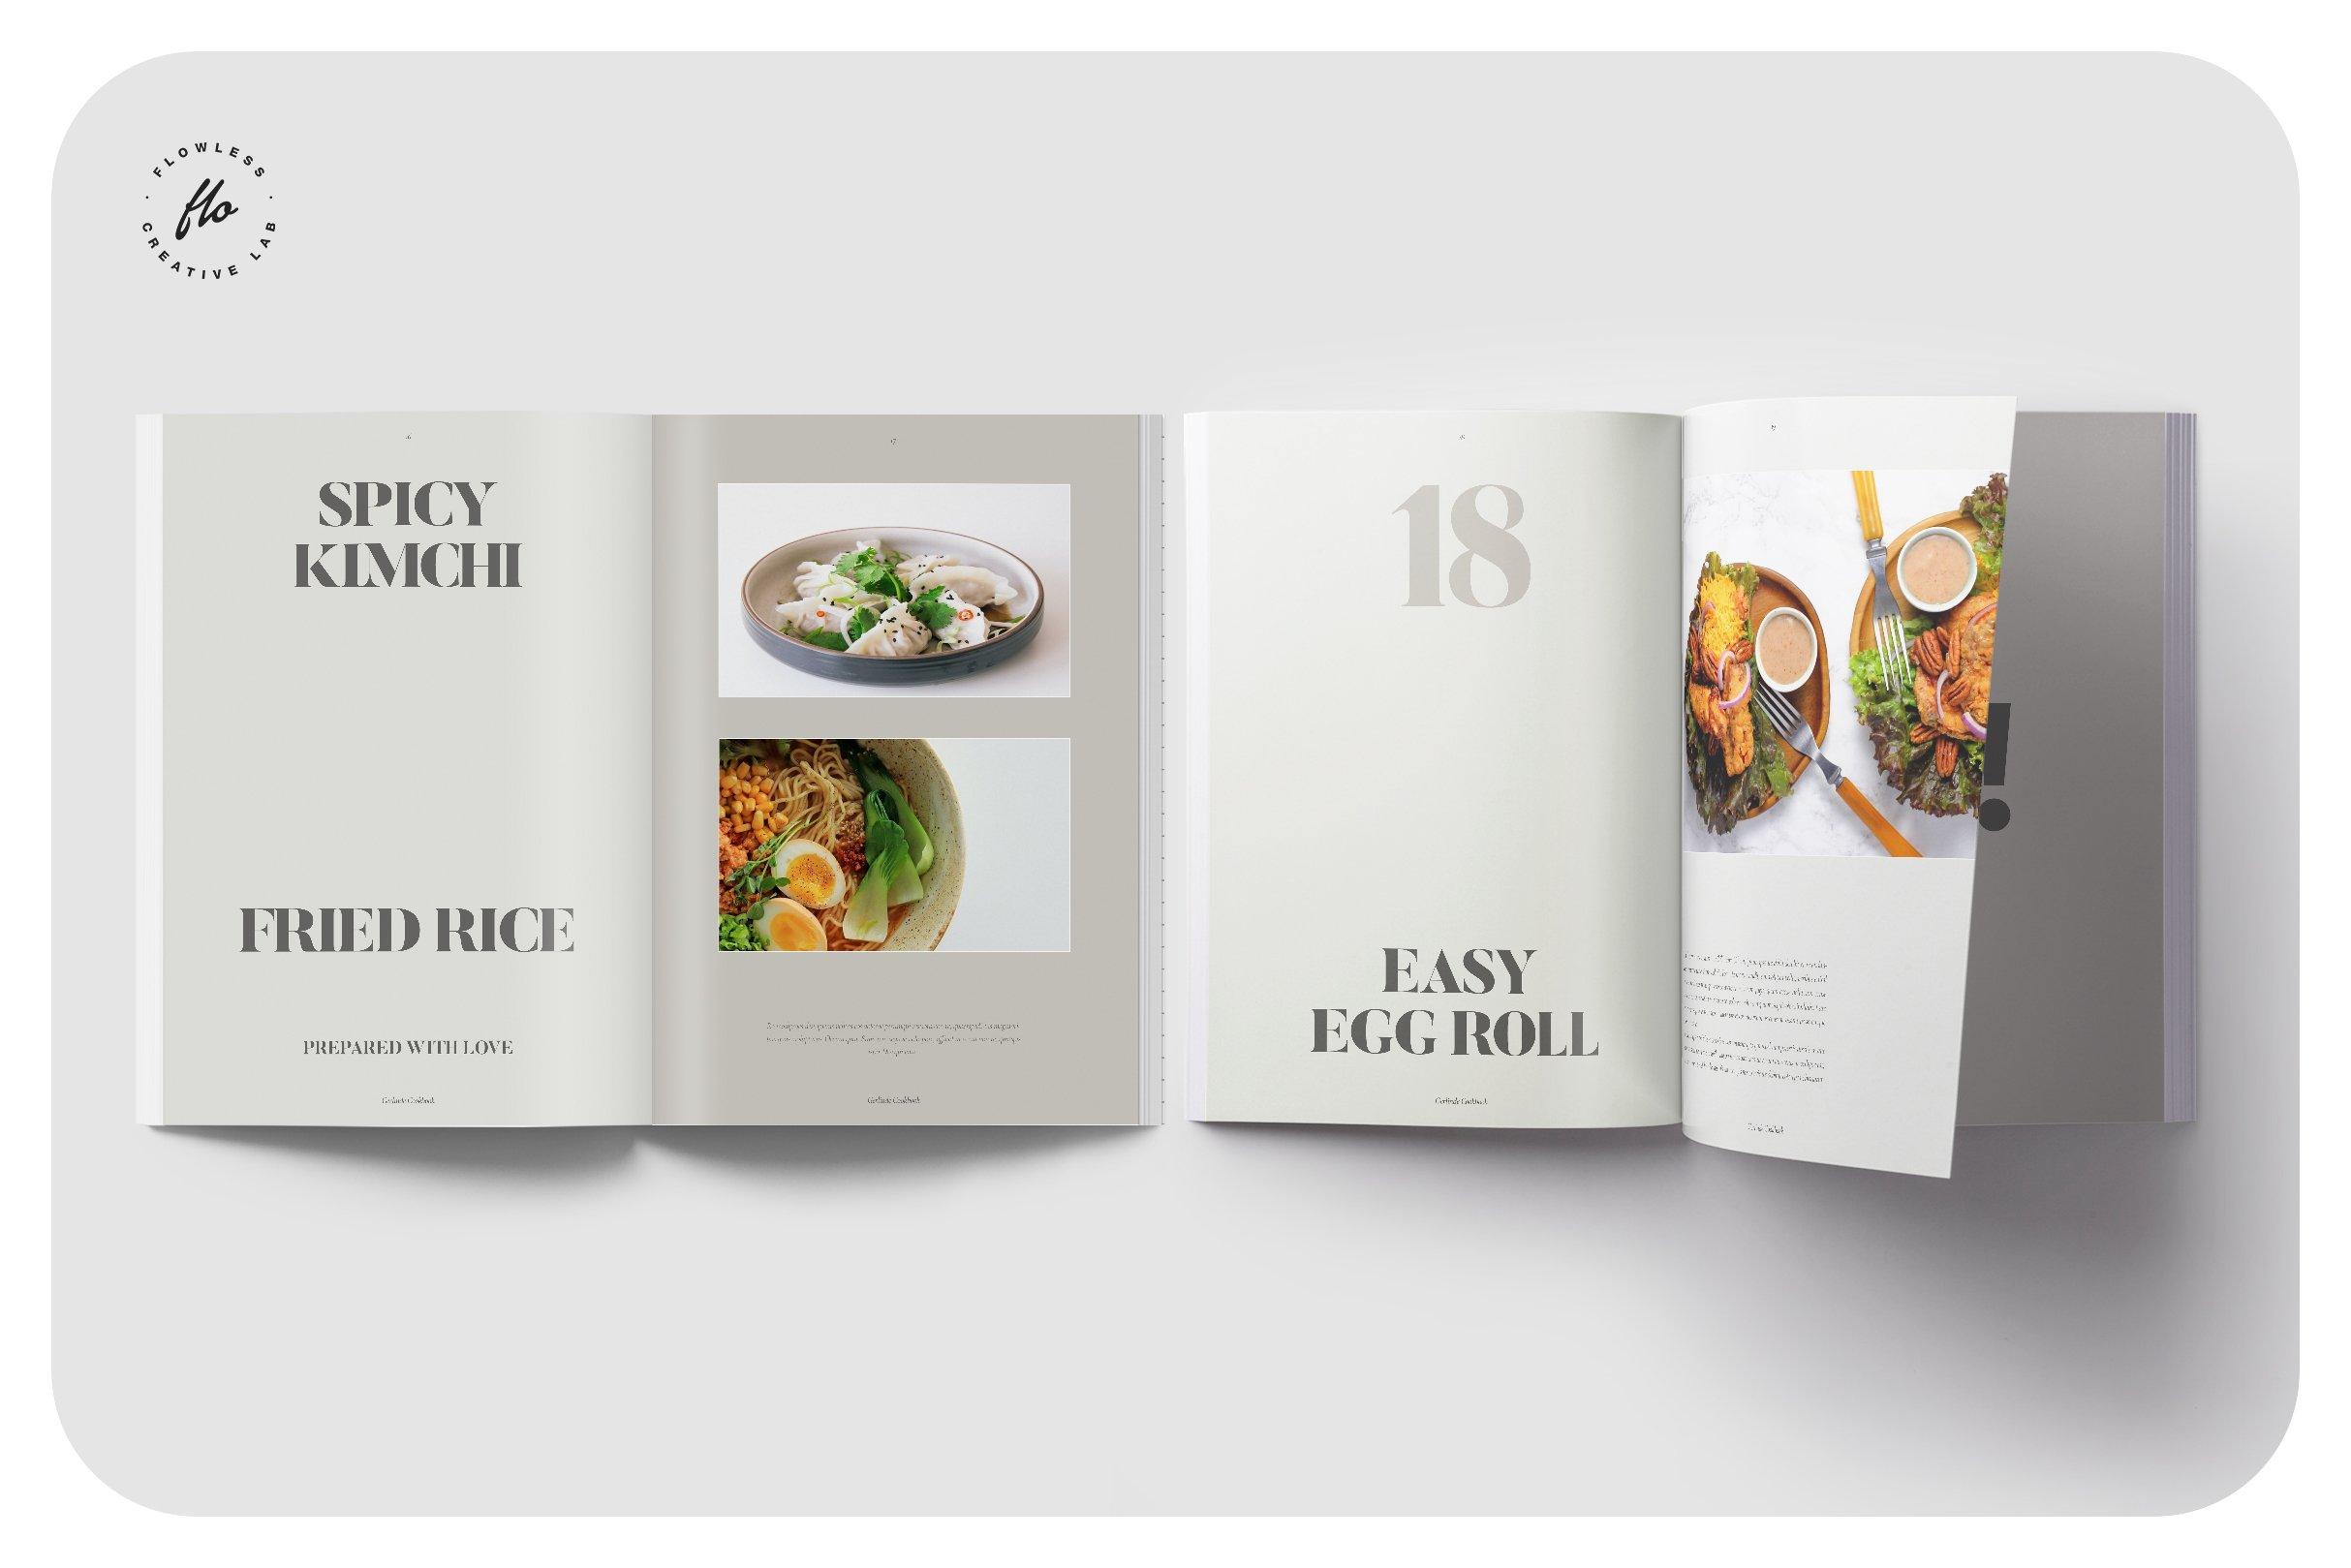 美食食谱菜单设计INDD画册模板 GERLIND Food Recipe Cookbook插图(3)